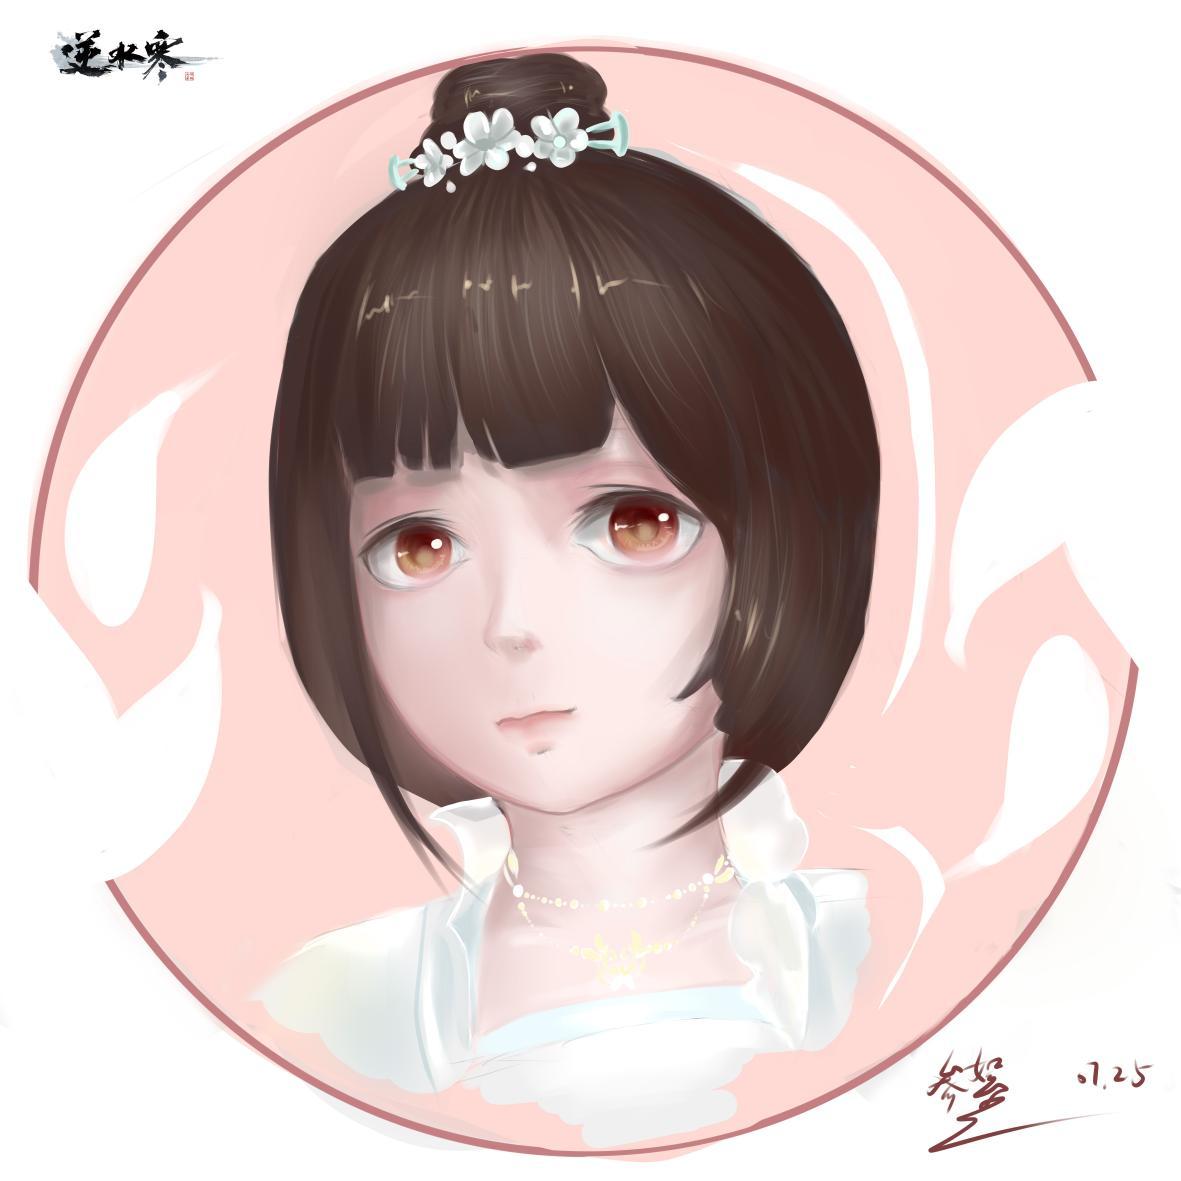 【自在门】手绘,超喜欢的新发型,和超喜欢的时装!!!简直是小仙女